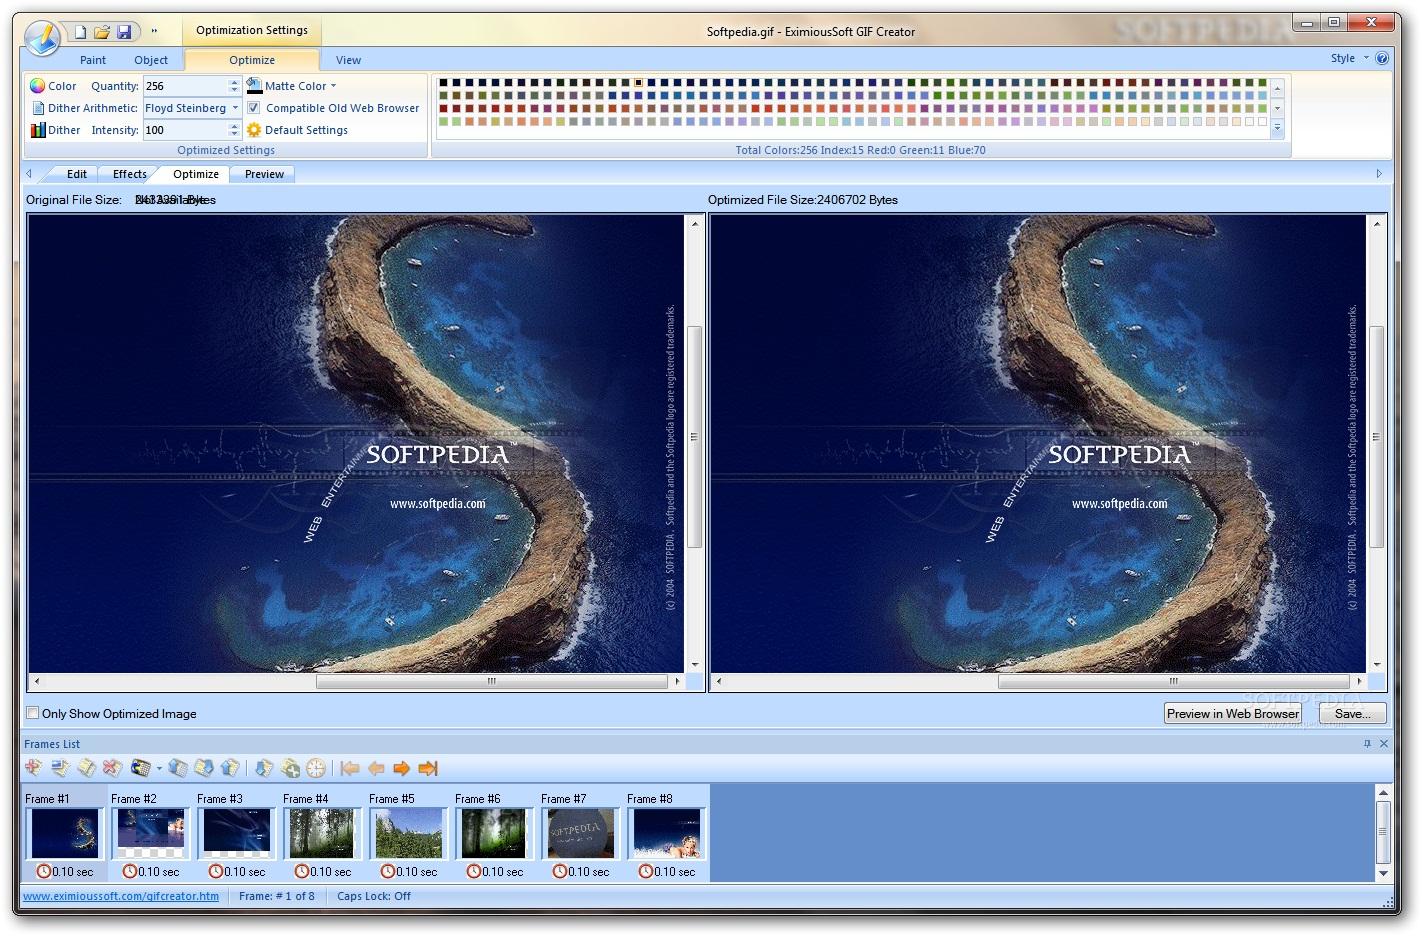 EximiousSoft GIF Creator 3 دانلود EximiousSoft GIF Creator 7 21 نرم افزار طراحی تصاویر متحرک GIF